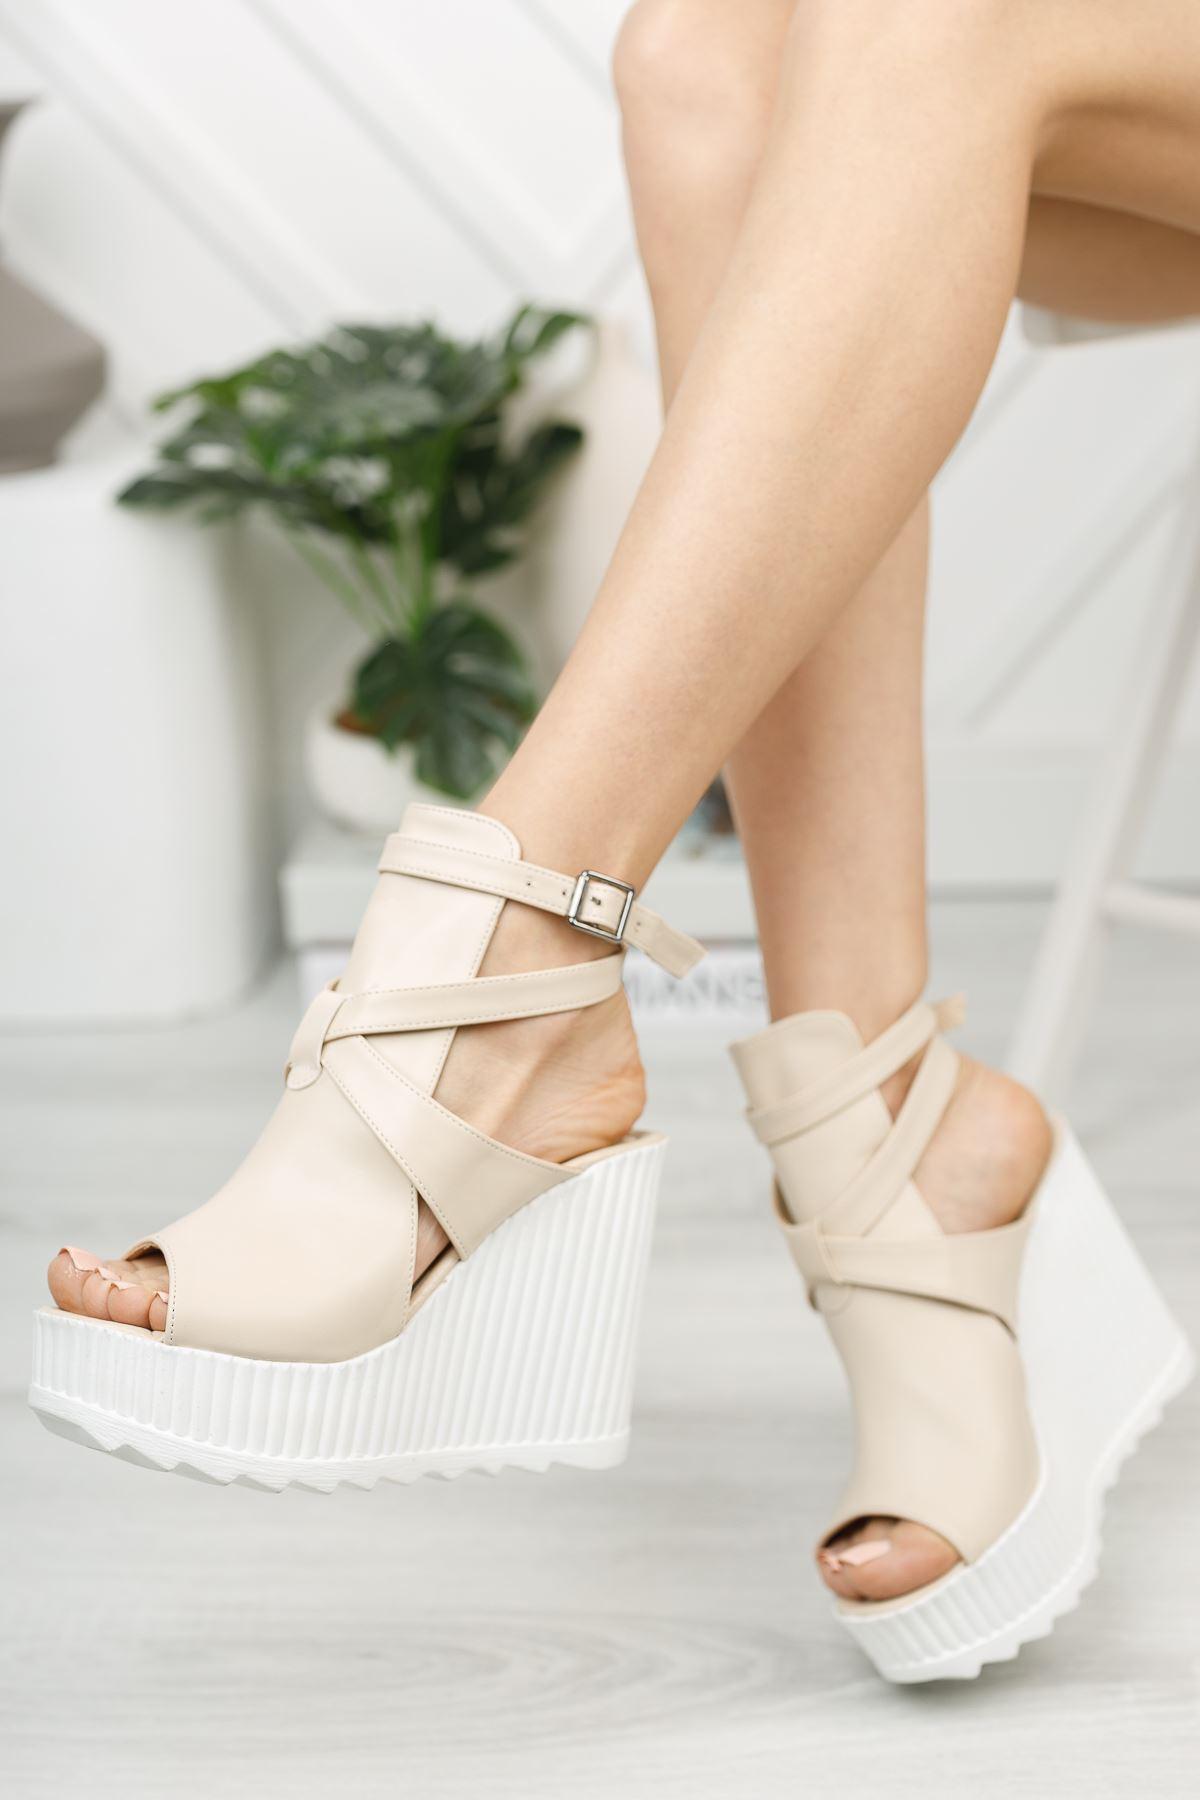 Bej Burnu Açık Yüksek Dolgu Topuklu Ayakkabı